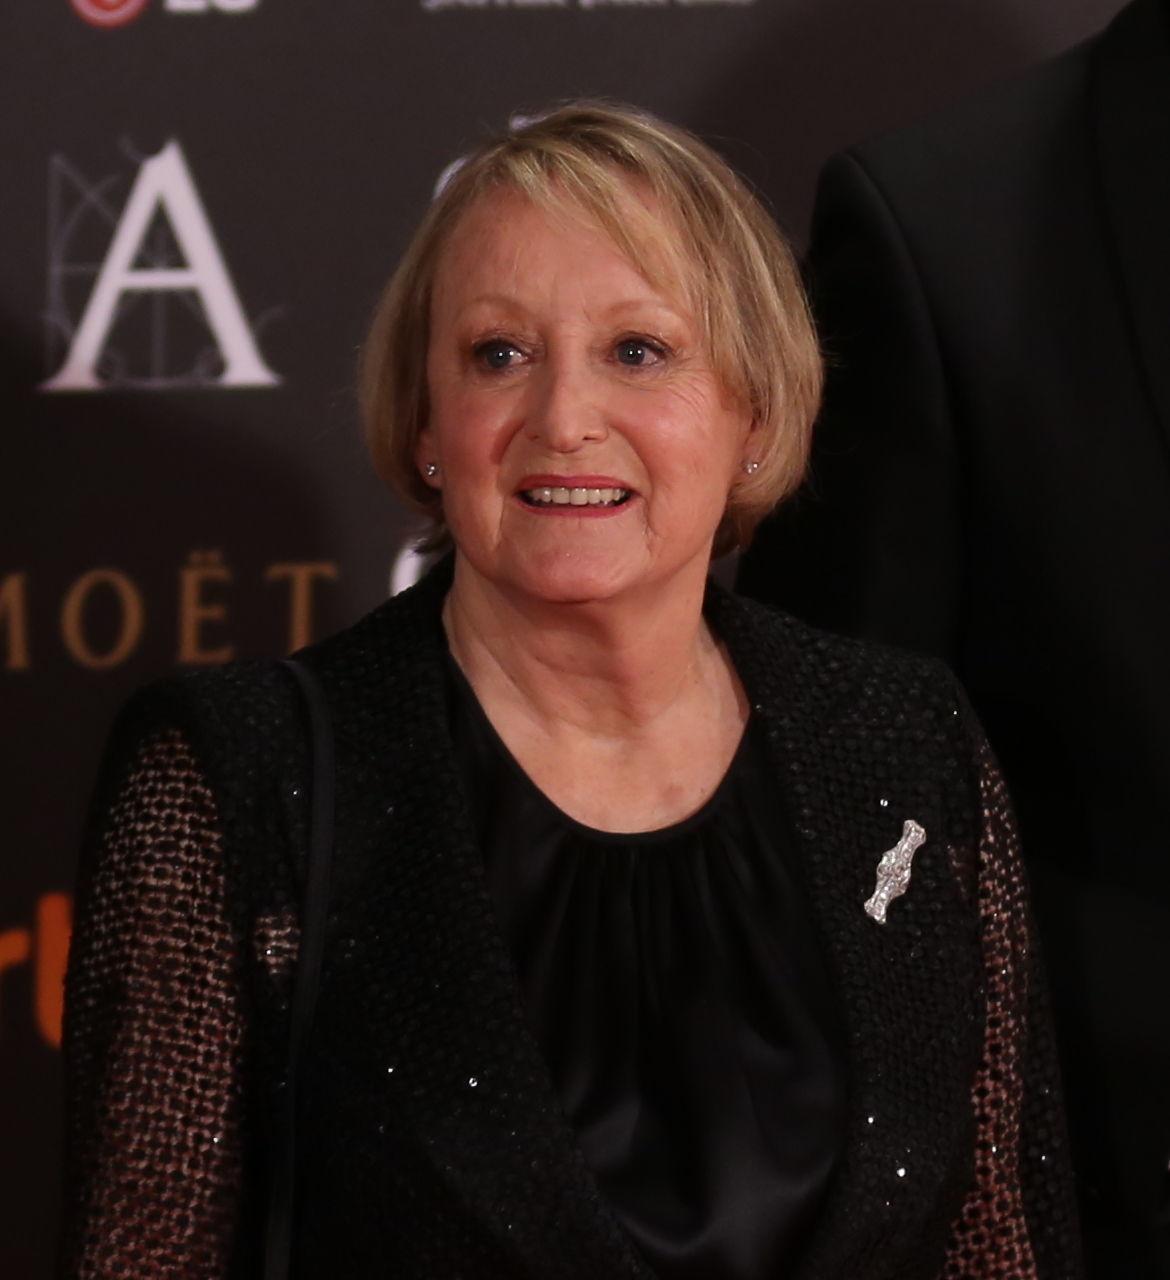 Yvonne_Blake_en_los_Premios_Goya_2017